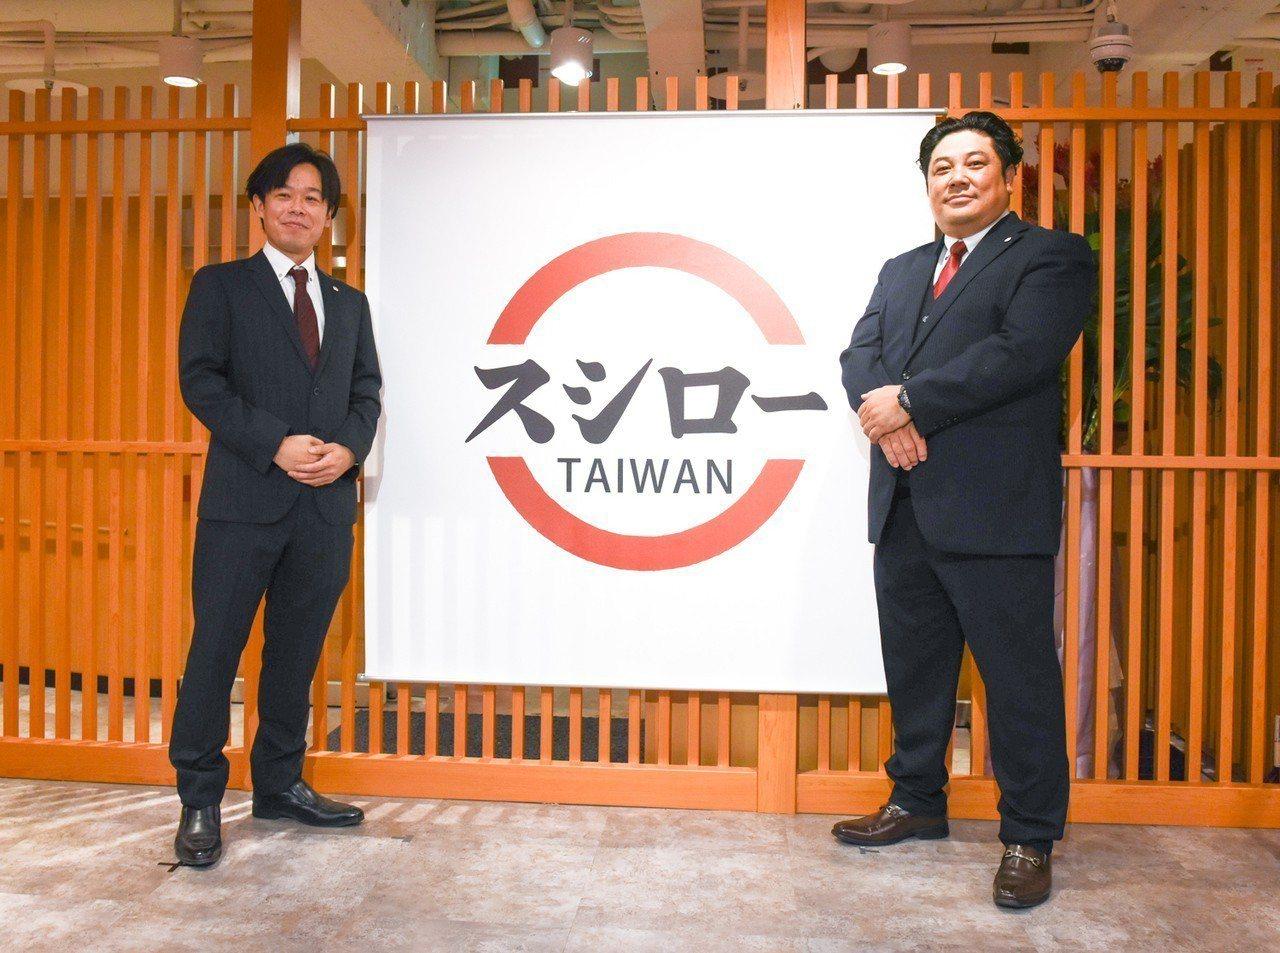 台灣壽司郎總經理加藤広慎(右)、副總經理松田一成(左)。圖/壽司郎提供